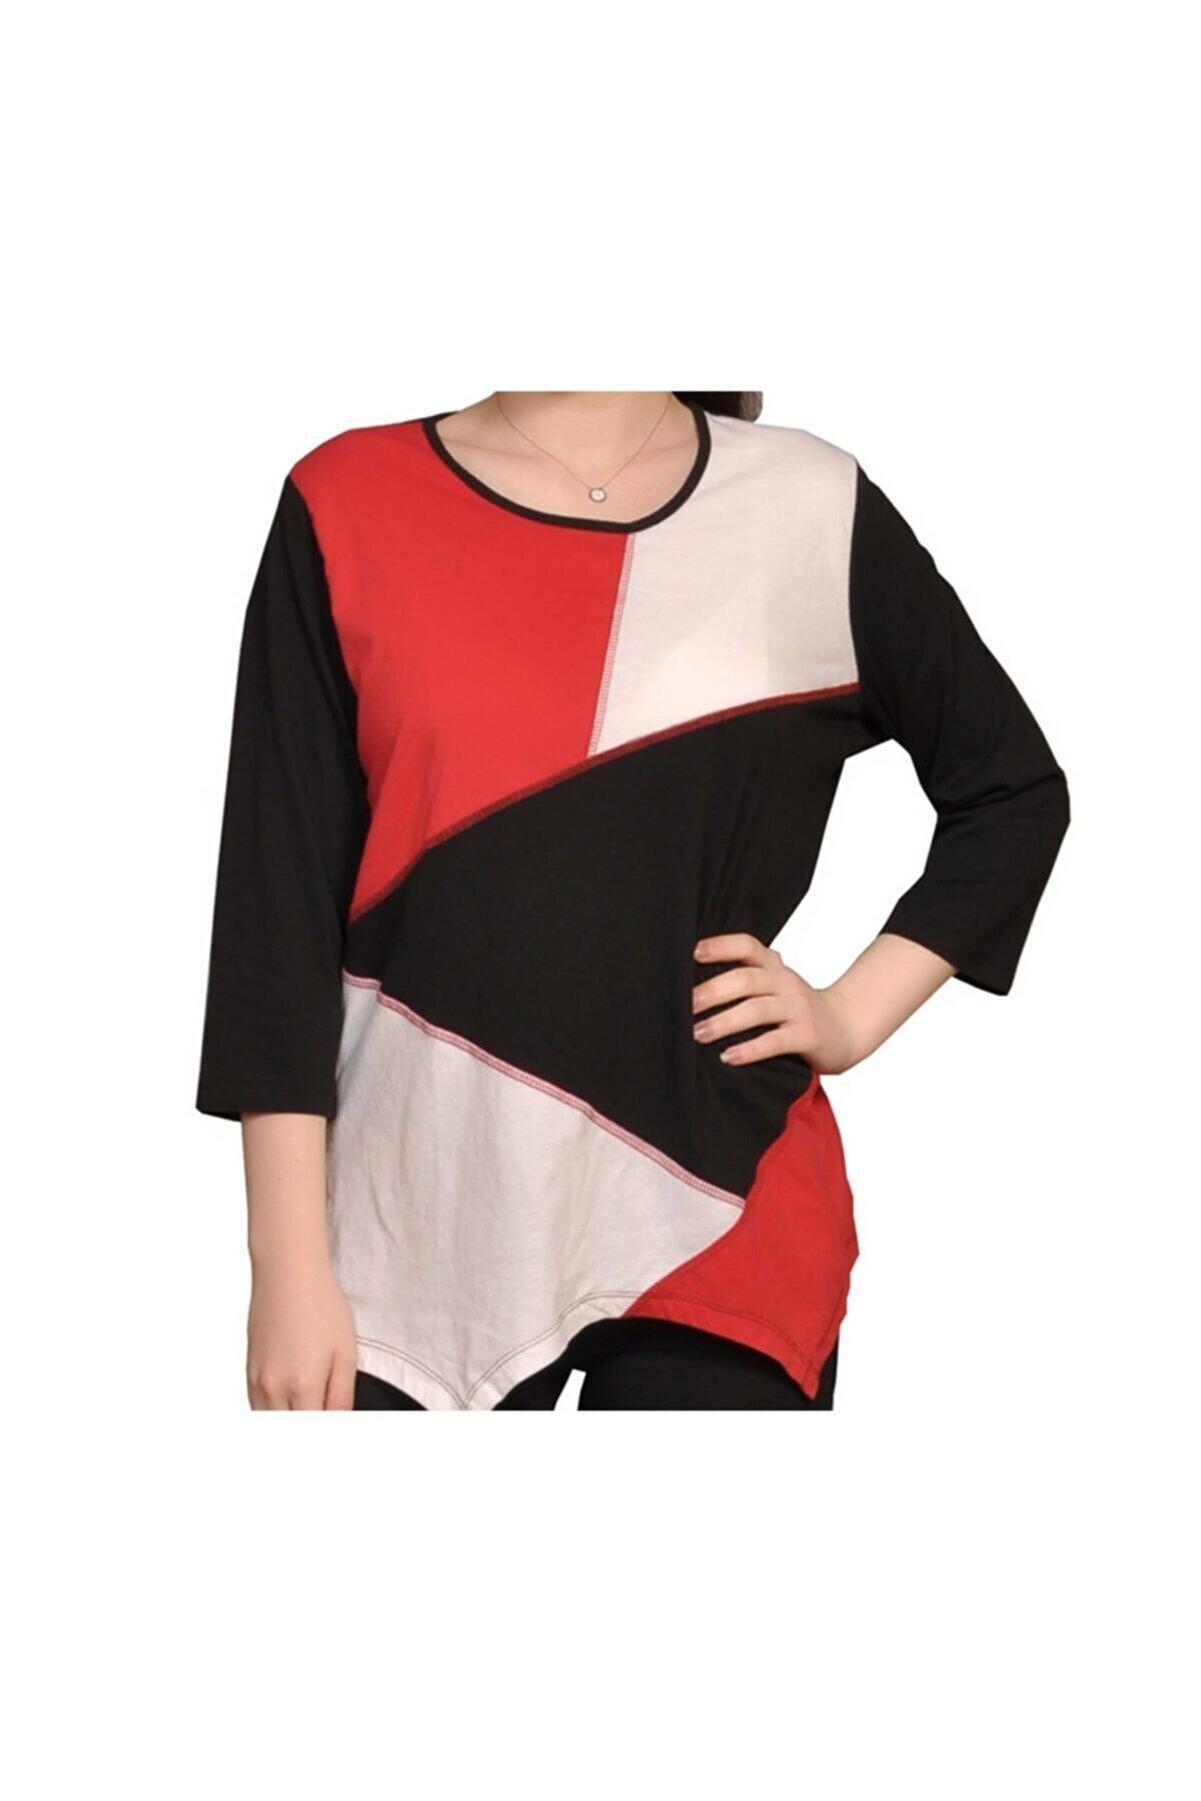 İsmet Tekstil Kadın Renk Bloklu Asimetrik Kesim Bluz